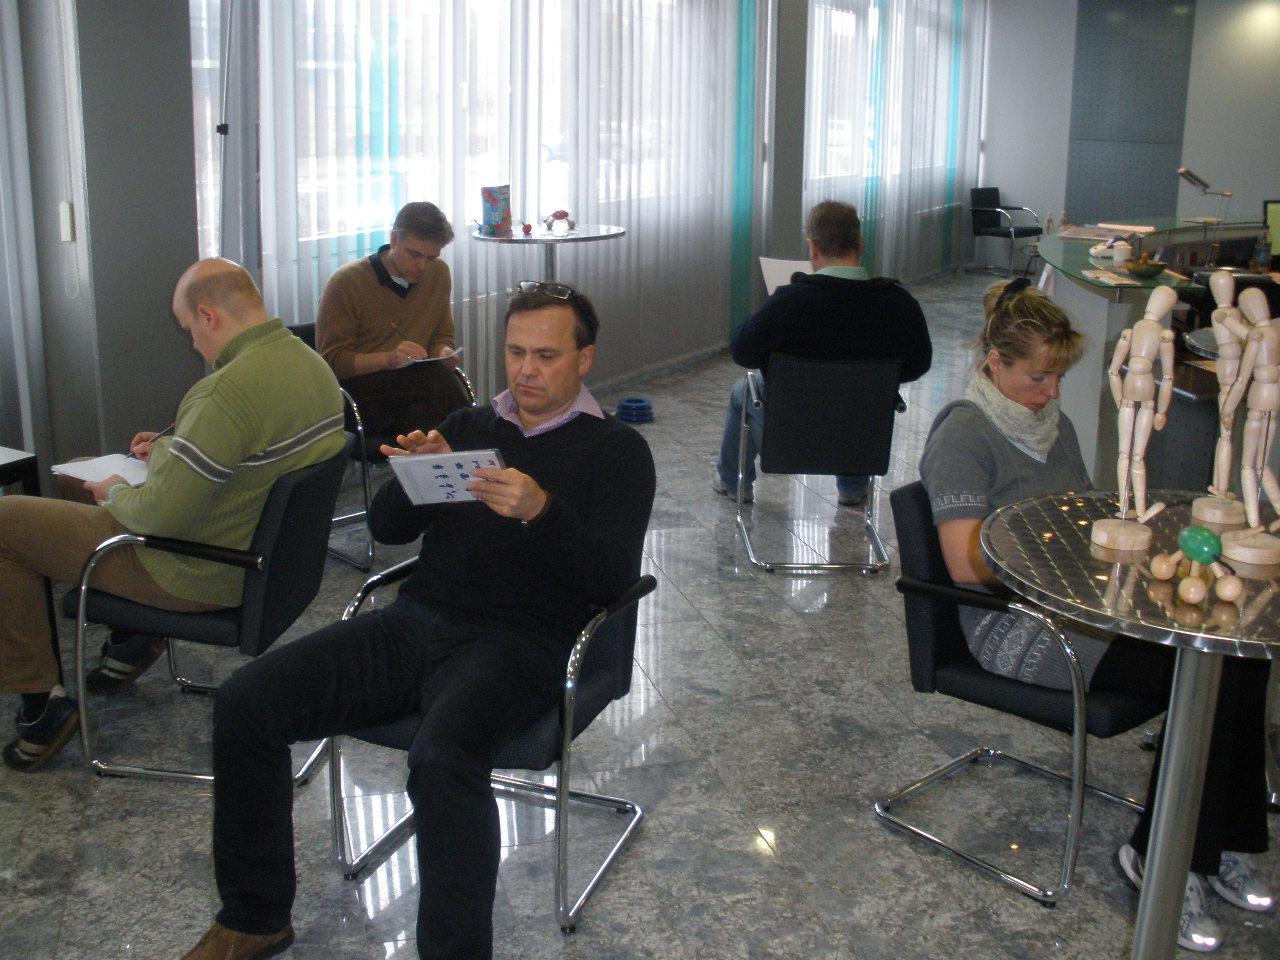 Tangram-Kommunikation Indoor bis zu 10 Personen bei einem Sprecher